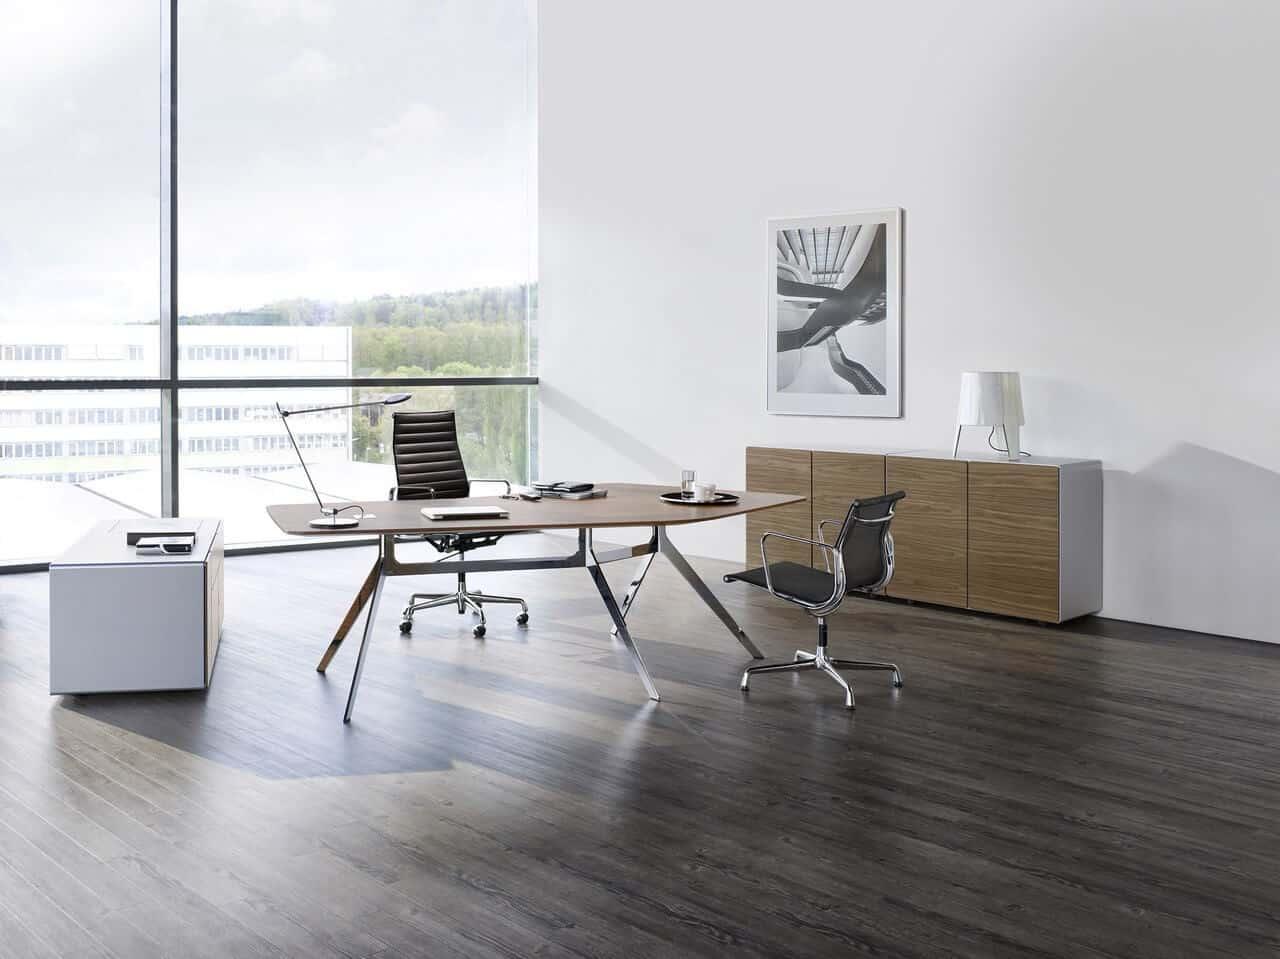 Das oval office b roeinrichtungen planungs und for Wohndesign einrichtungs gmbh